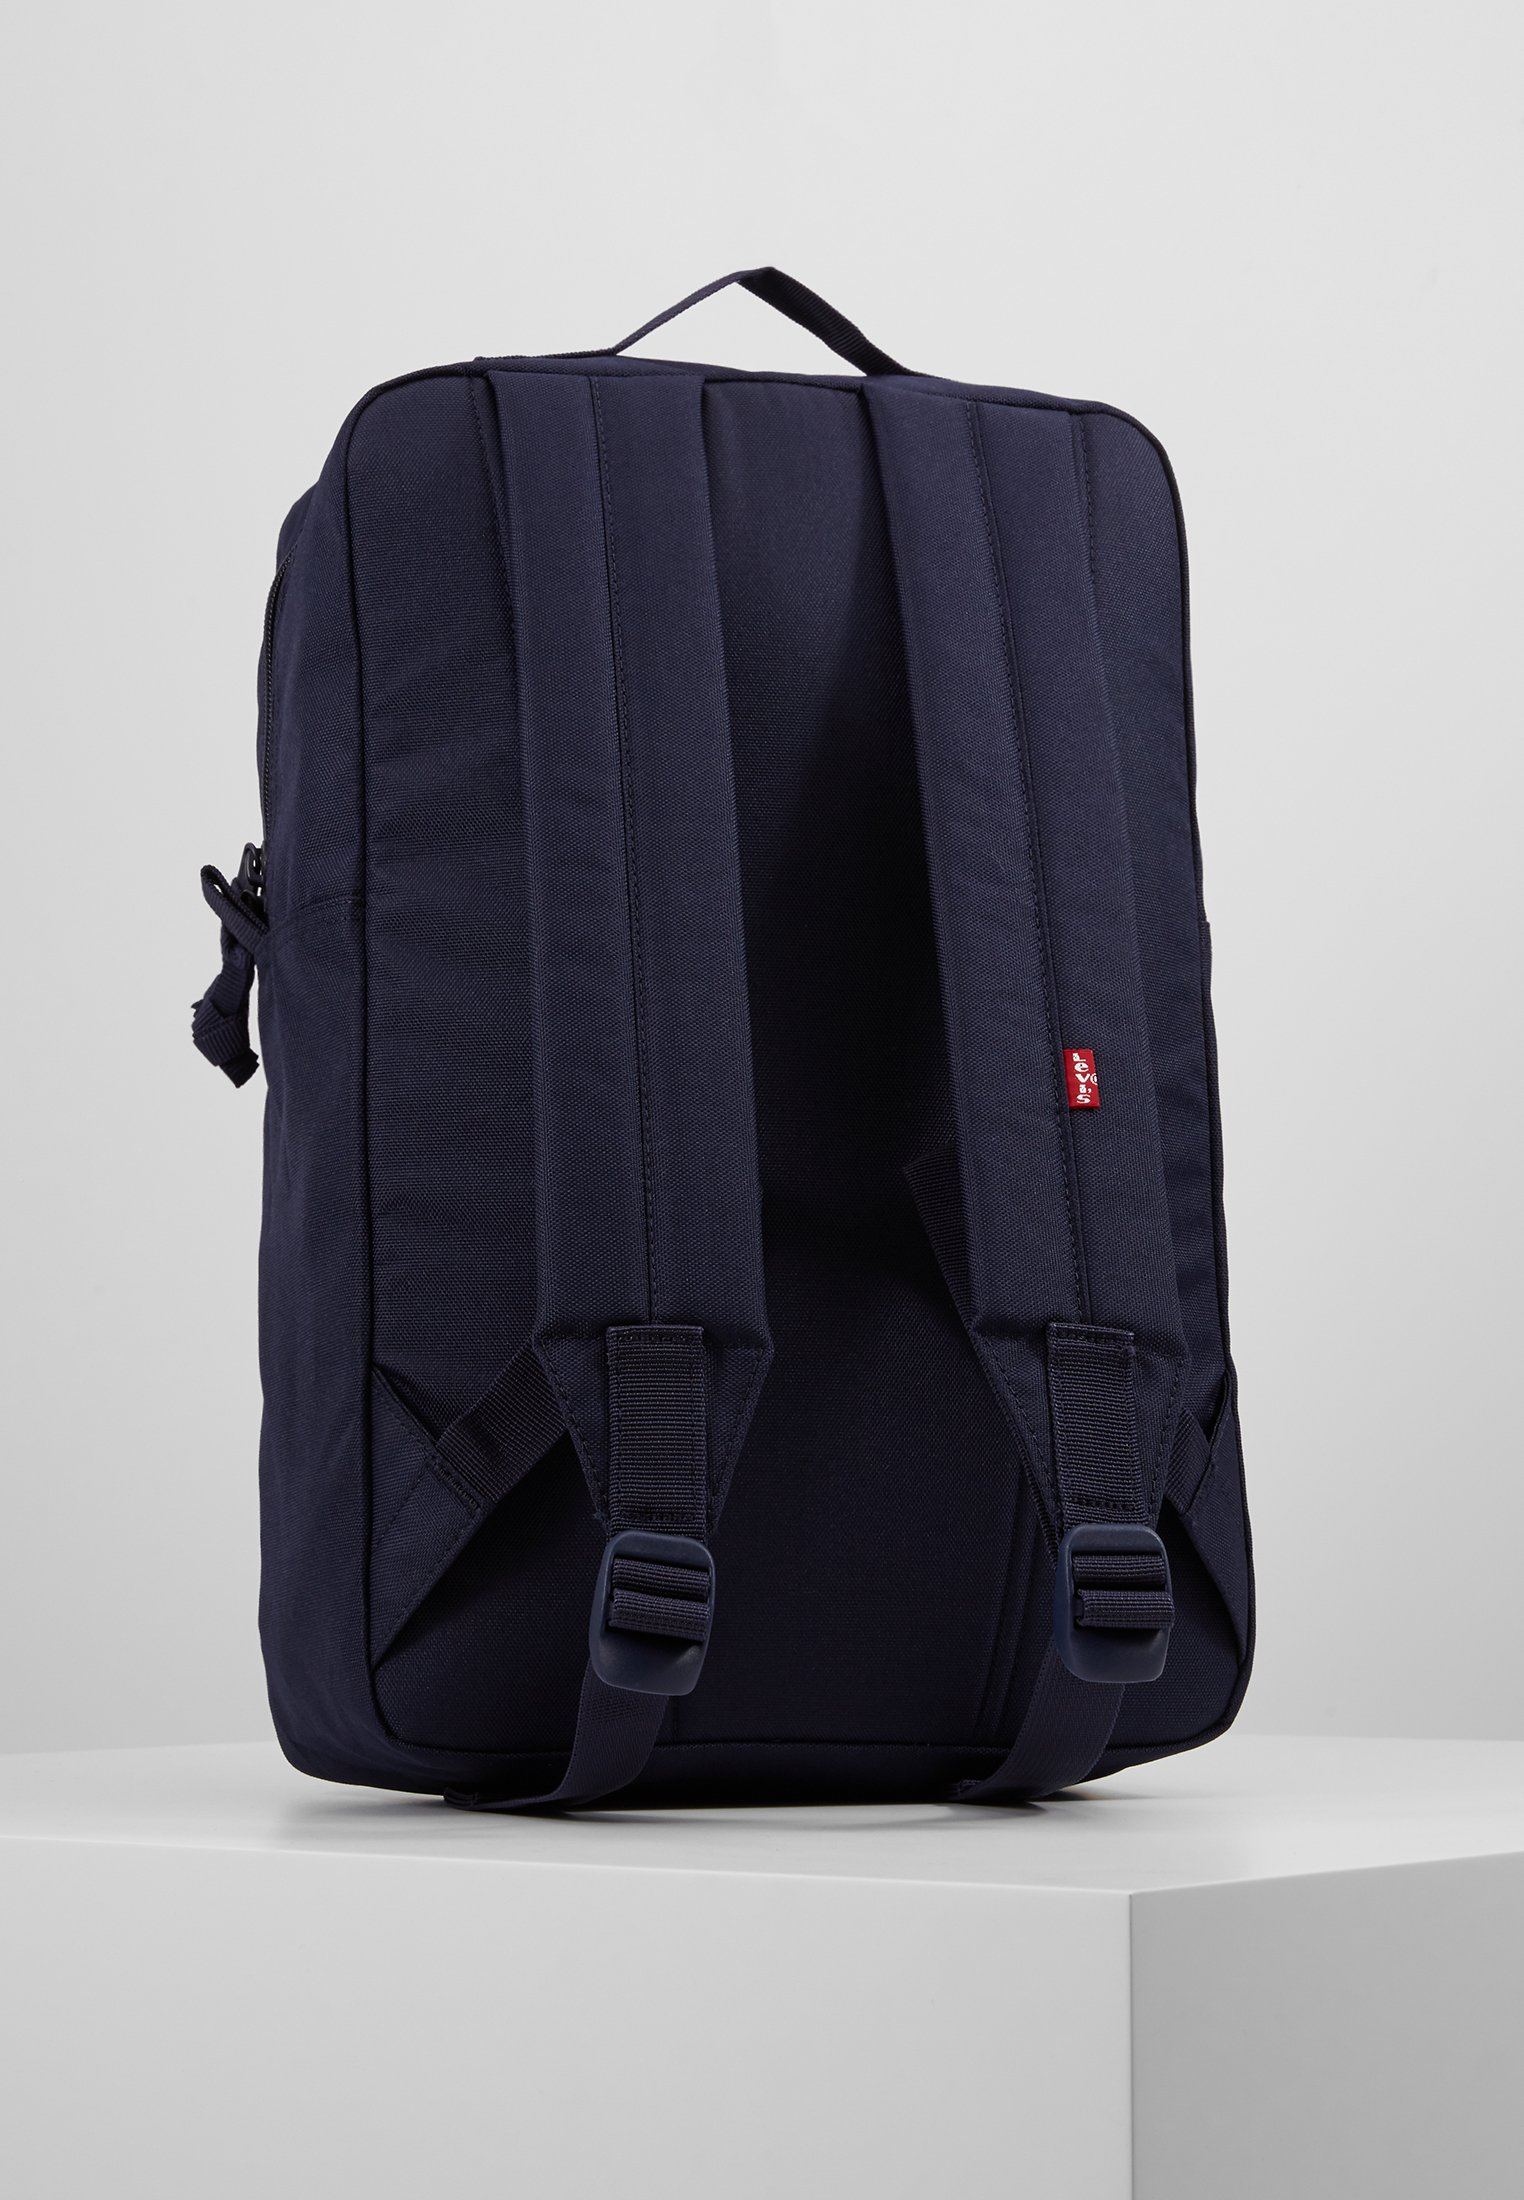 Levi's® PACK STANDARD ISSUE - Ryggsekk - navy blue/mørkeblå W996myTsm91uUop